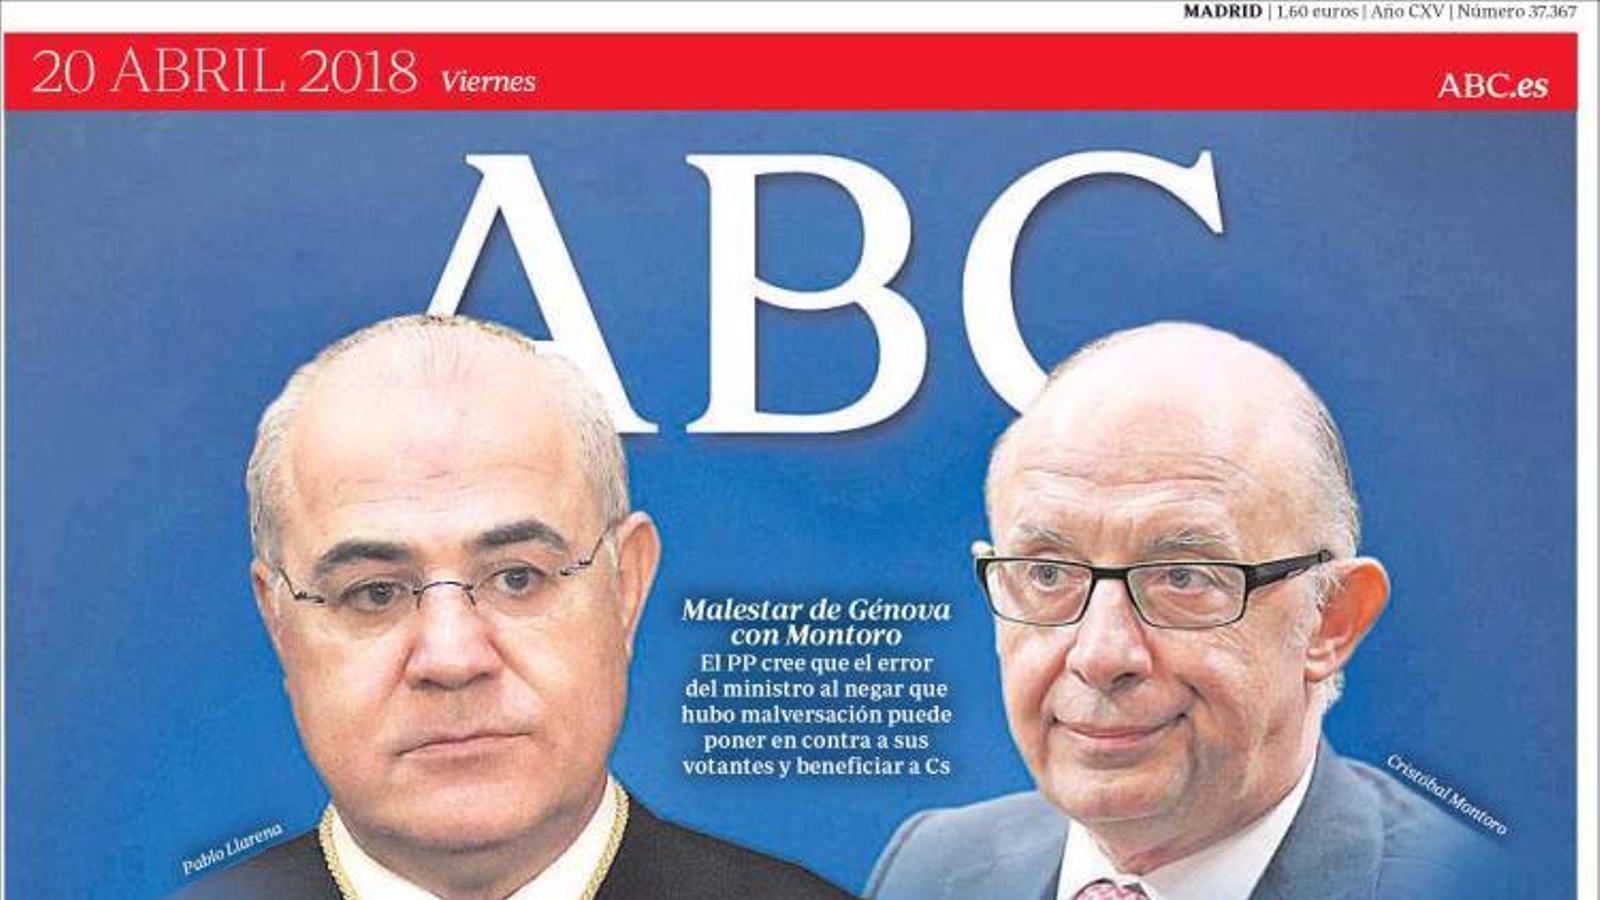 Portada de l'Abc, 20 d'abril del 2018